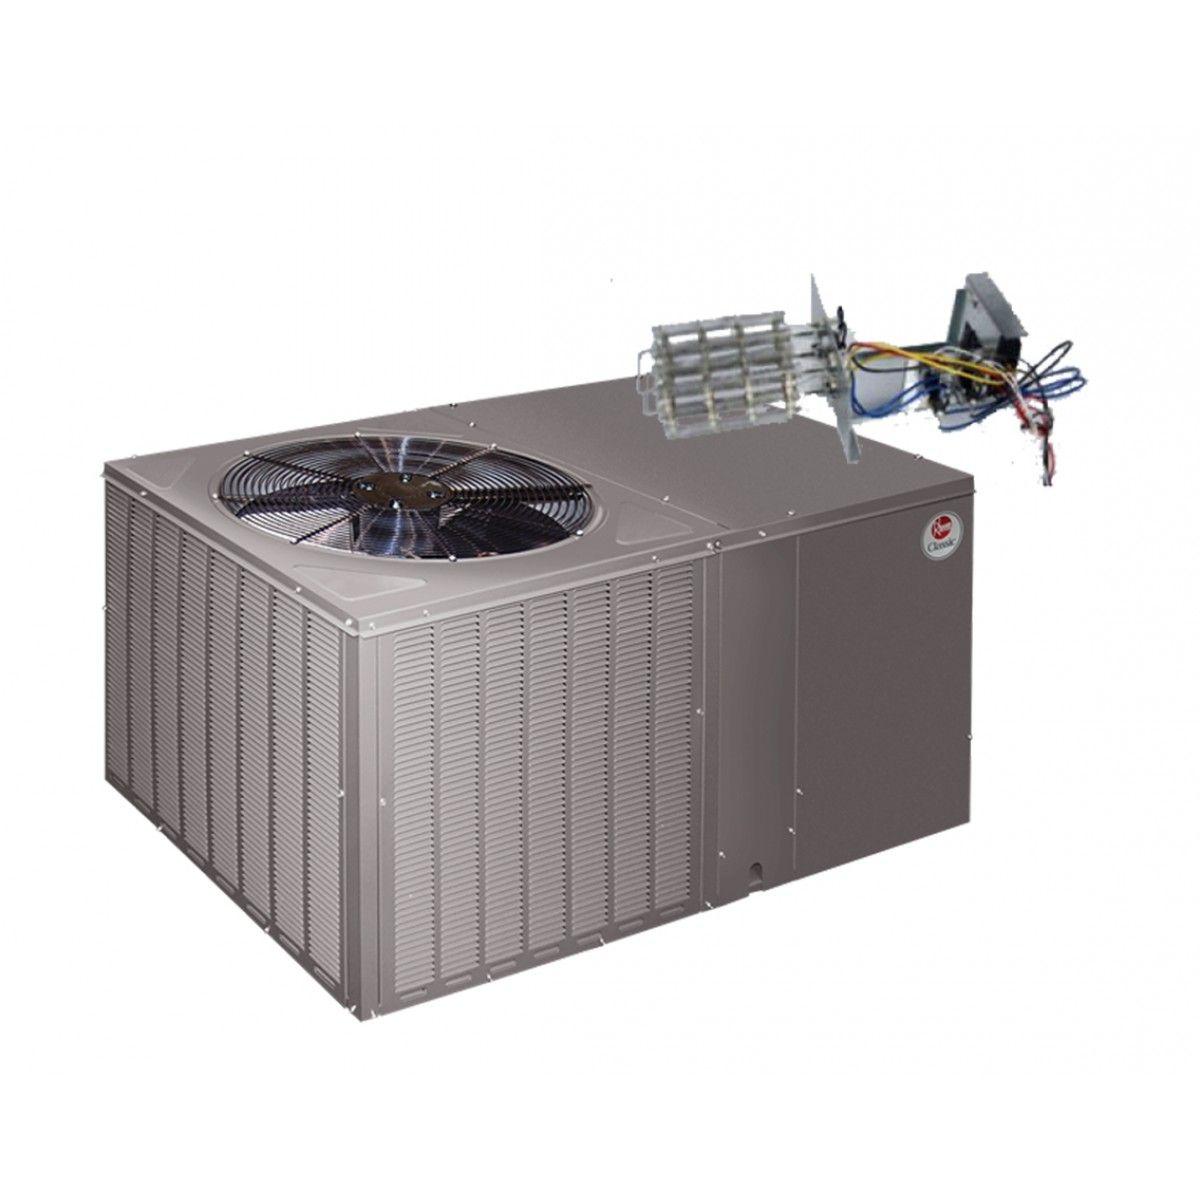 Rheem 14 Seer 2 5 Ton Heat Pump Package Unit Horizontal